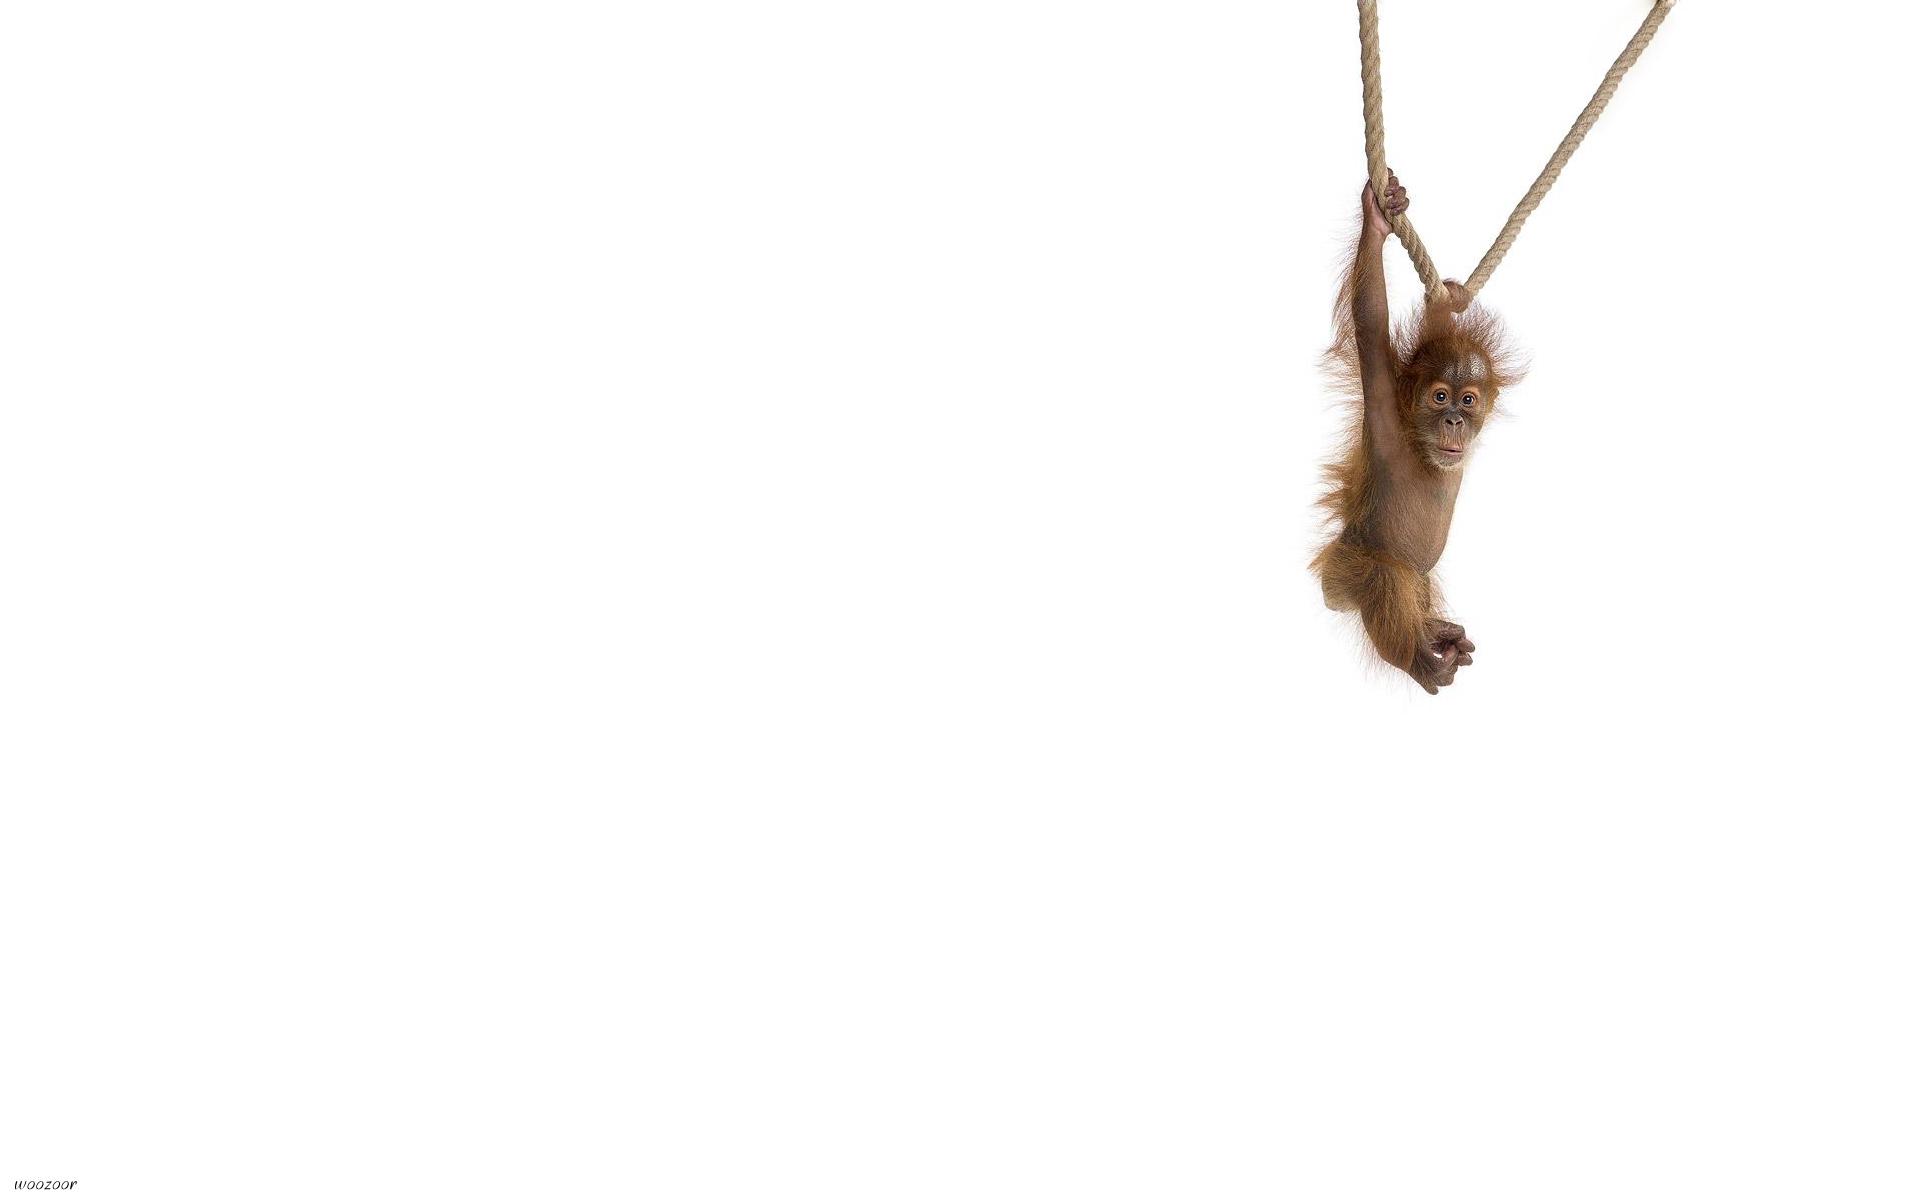 обезьянка ветка белая бесплатно